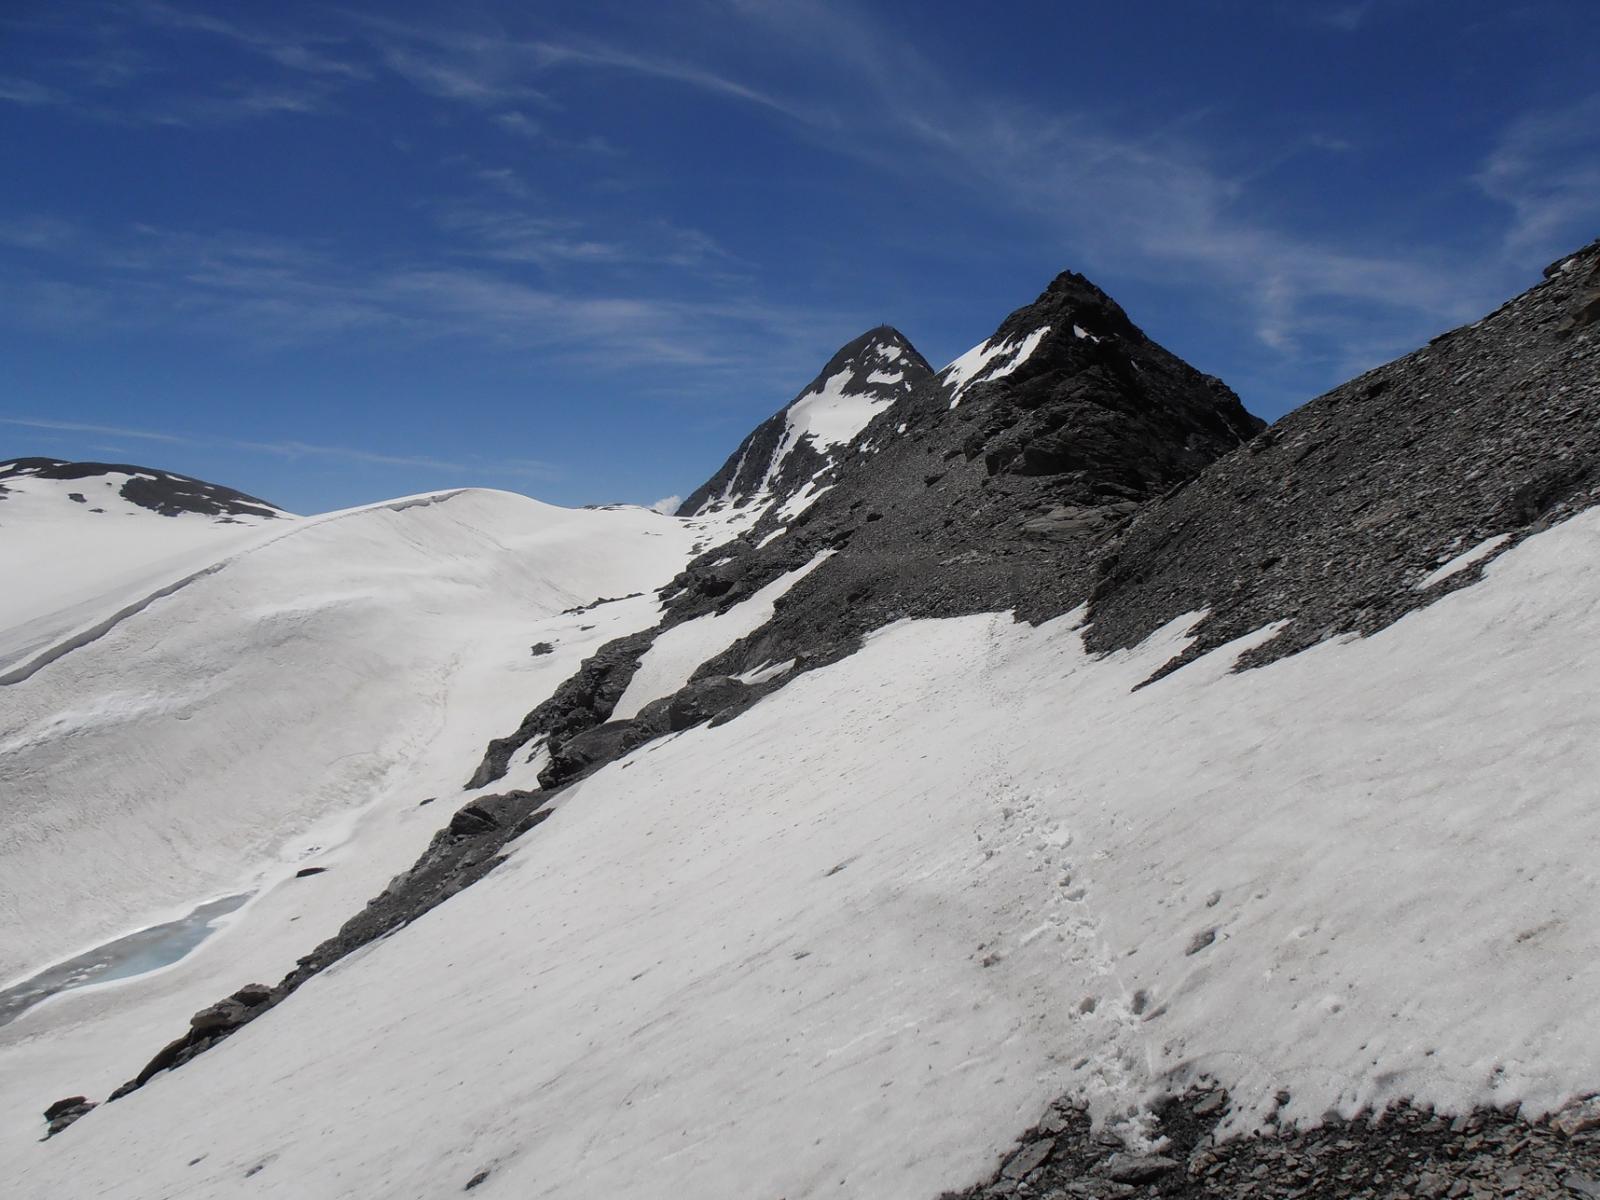 07 - appena superata la Punta di Novalesa, Rocciamelone sempre sullo sfondo